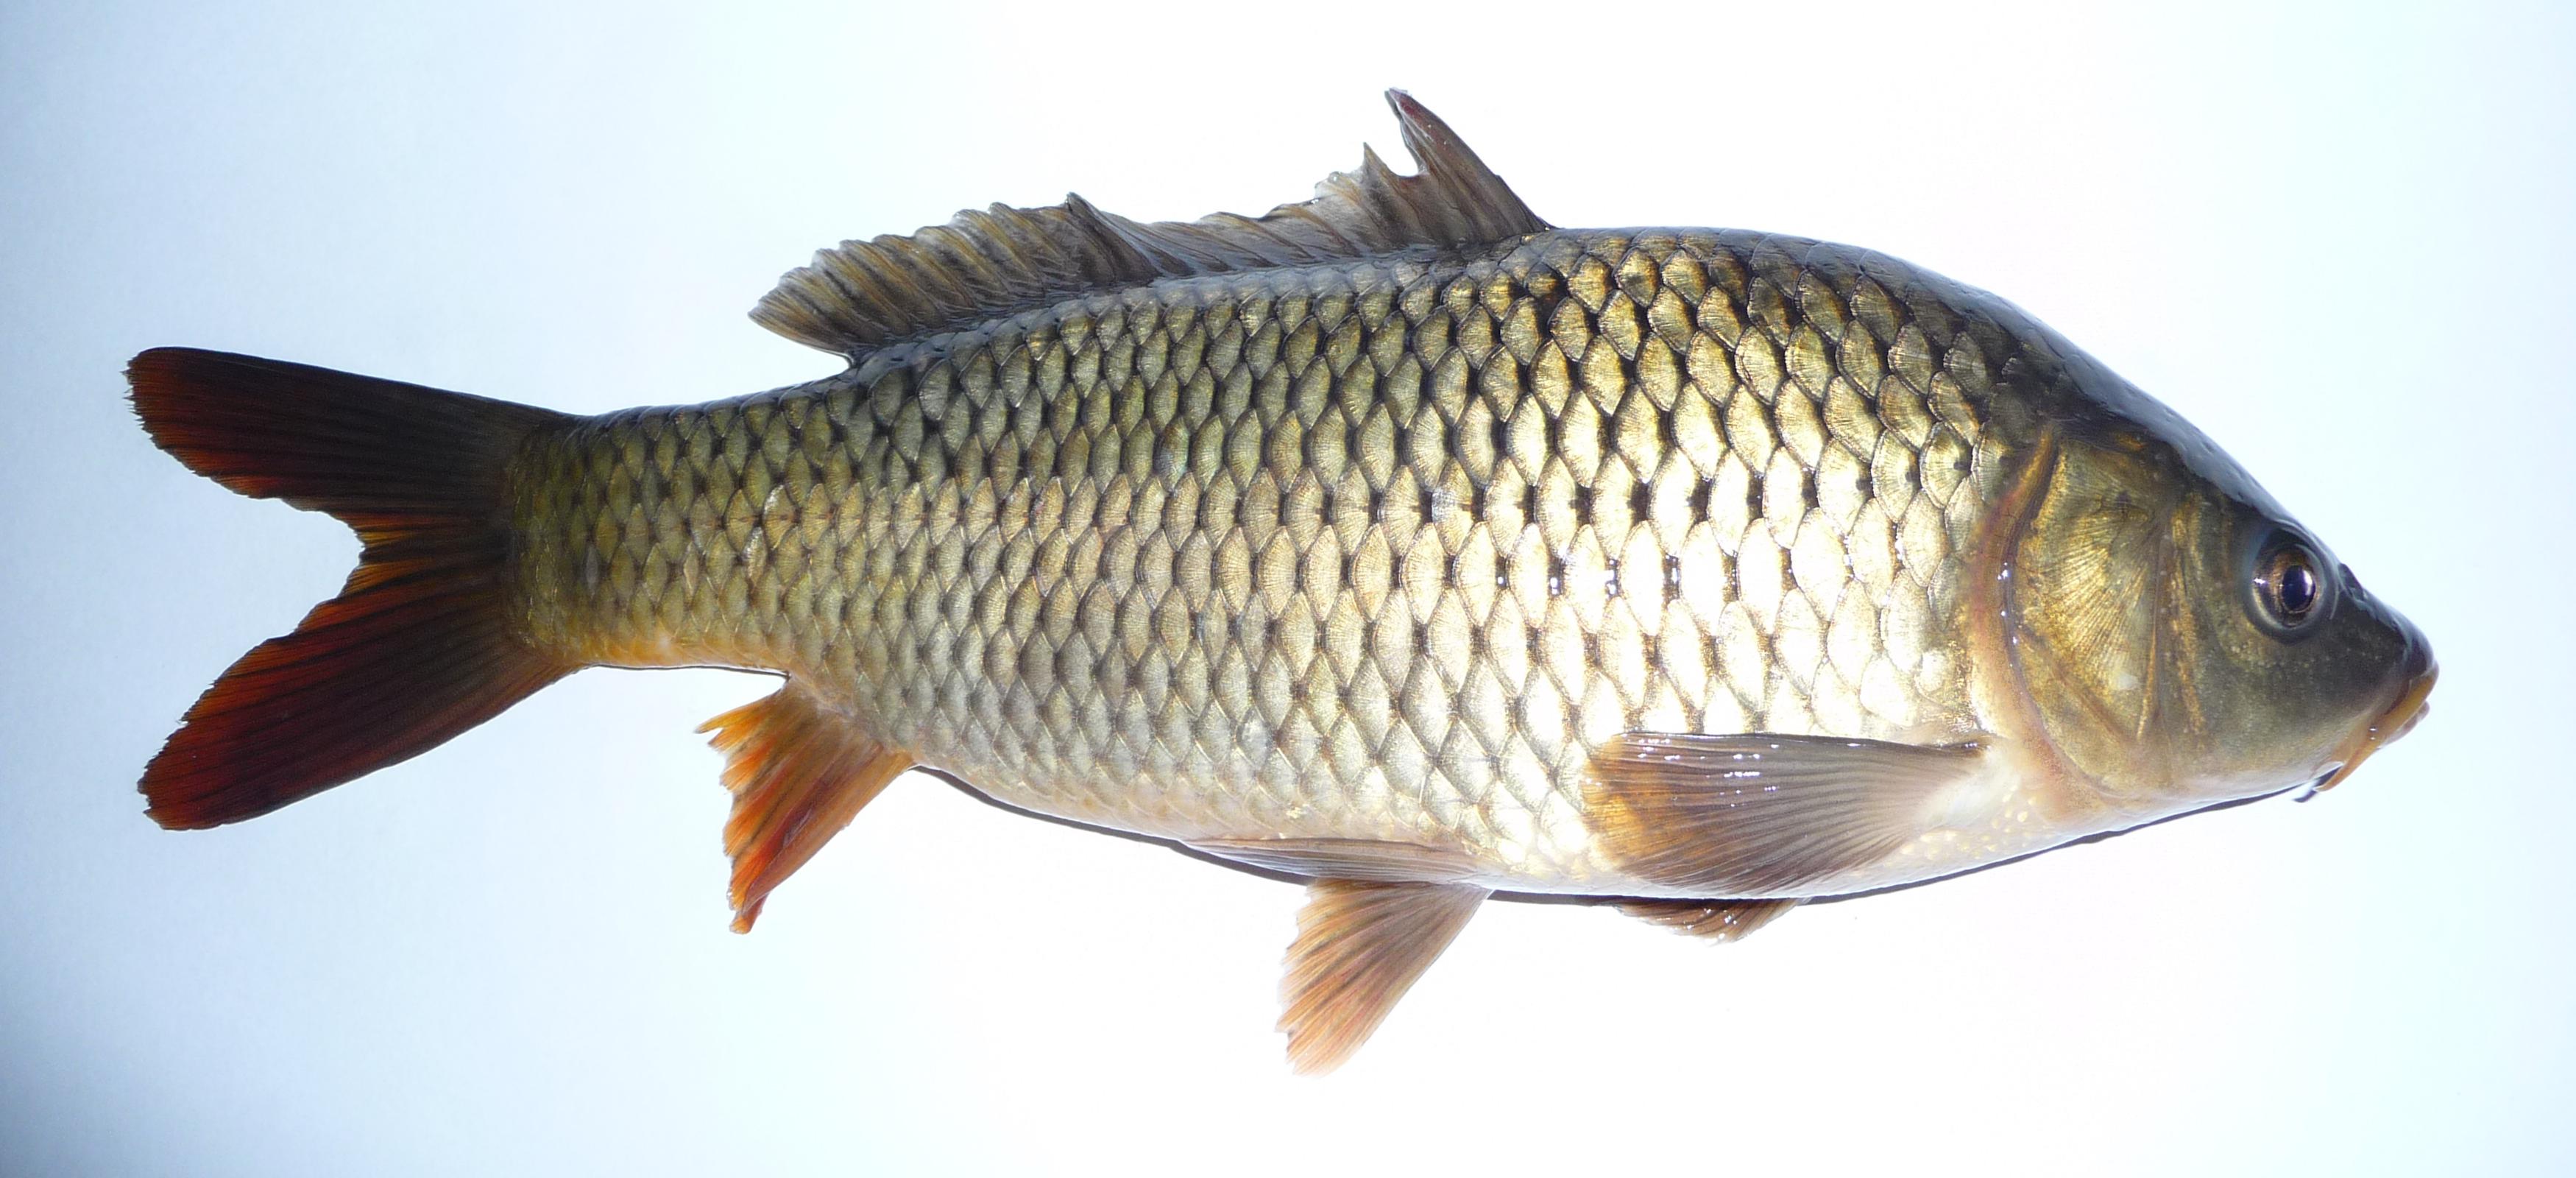 Покашеварим рыбные котлеты рецепт с фото самоотдачу любовь